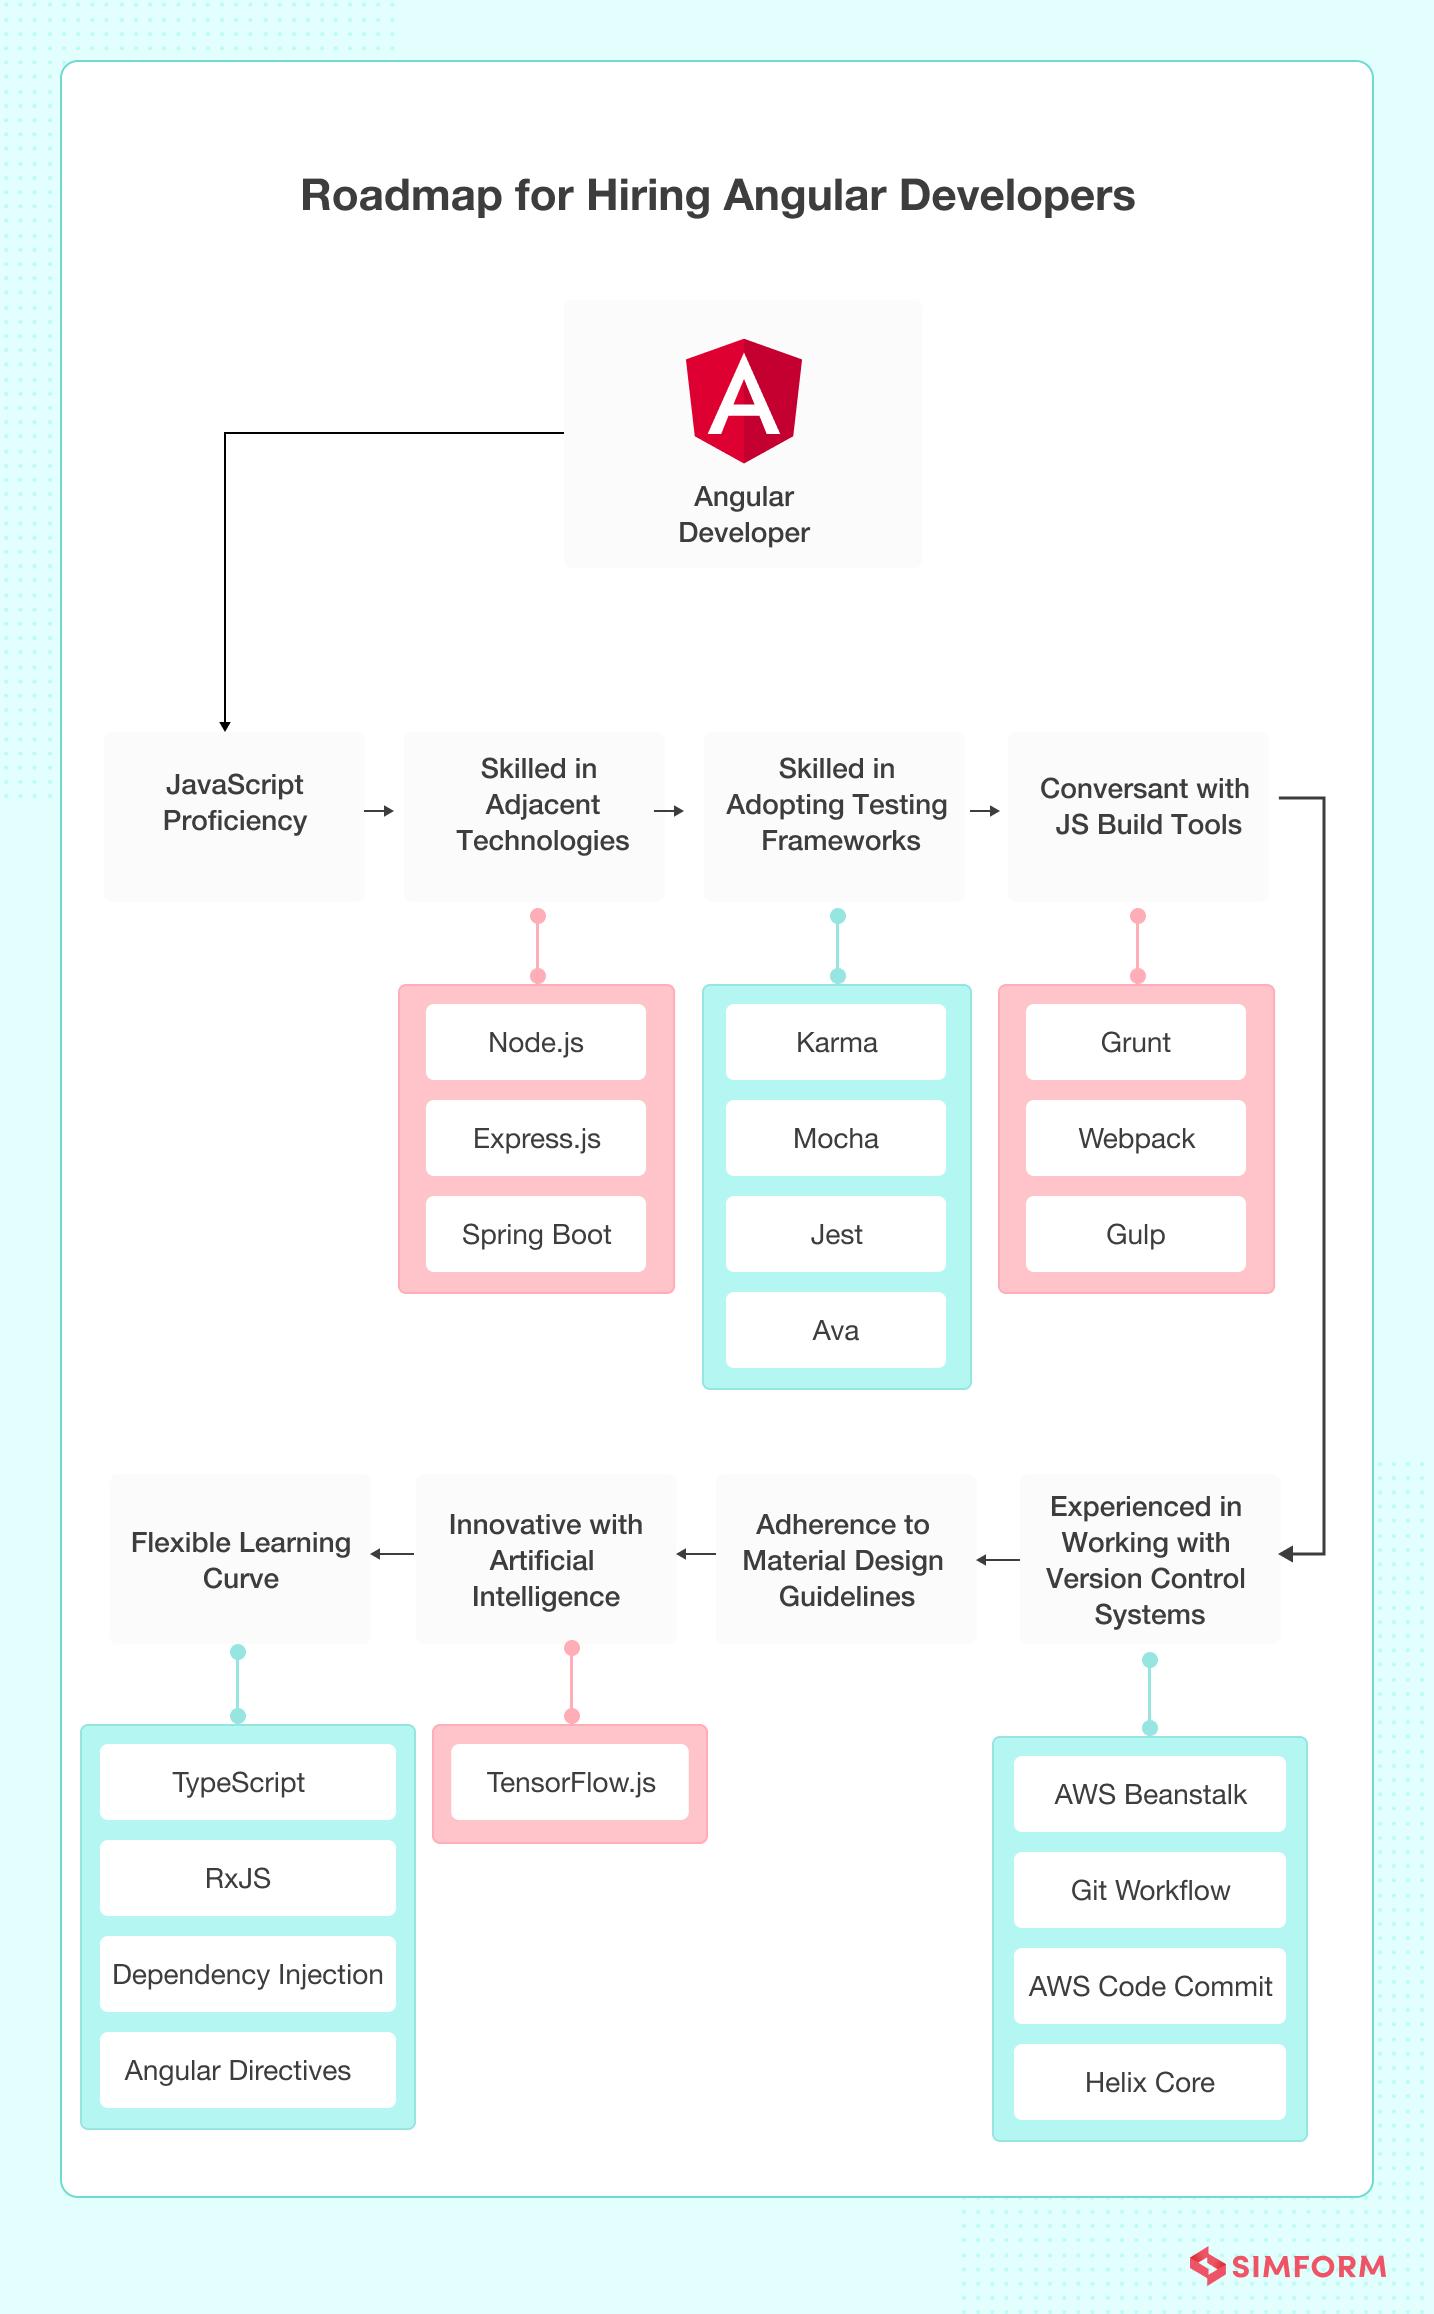 Roadmap to hiring Angular devs